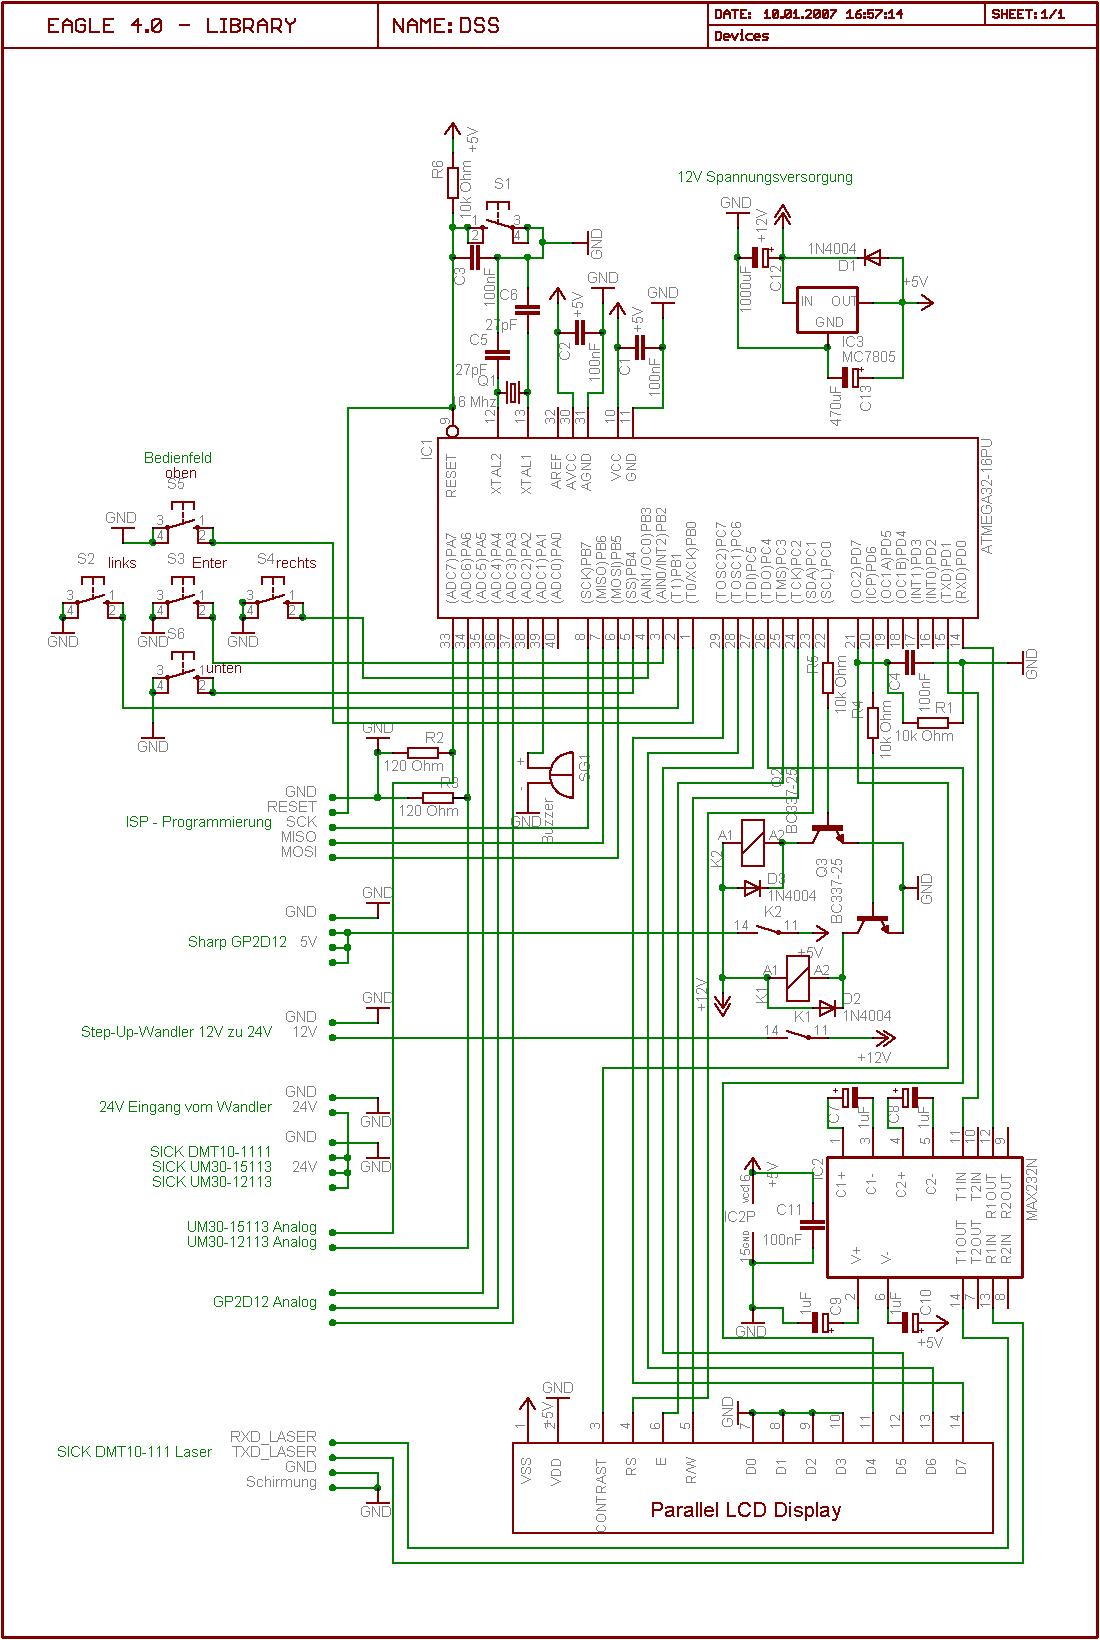 Software zum Zeichnen von Schaltplänen gesucht - Mikrocontroller.net